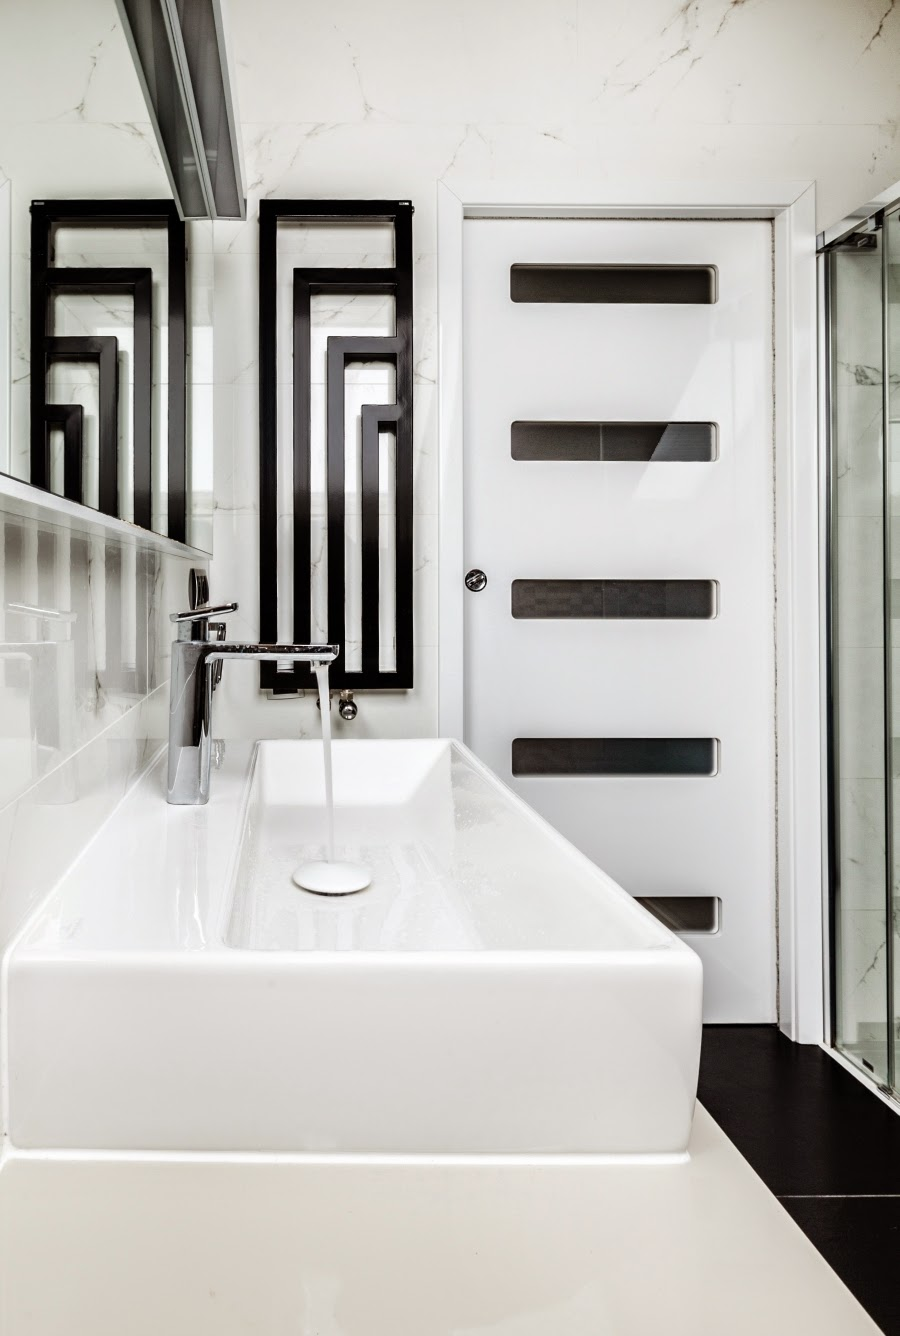 wnętrza, wystrój wnętrz, dom, mieszkanie, aranżacja, home decor, dekoracje, styl nowoczesny, biel i czerń, lampy, łazienka